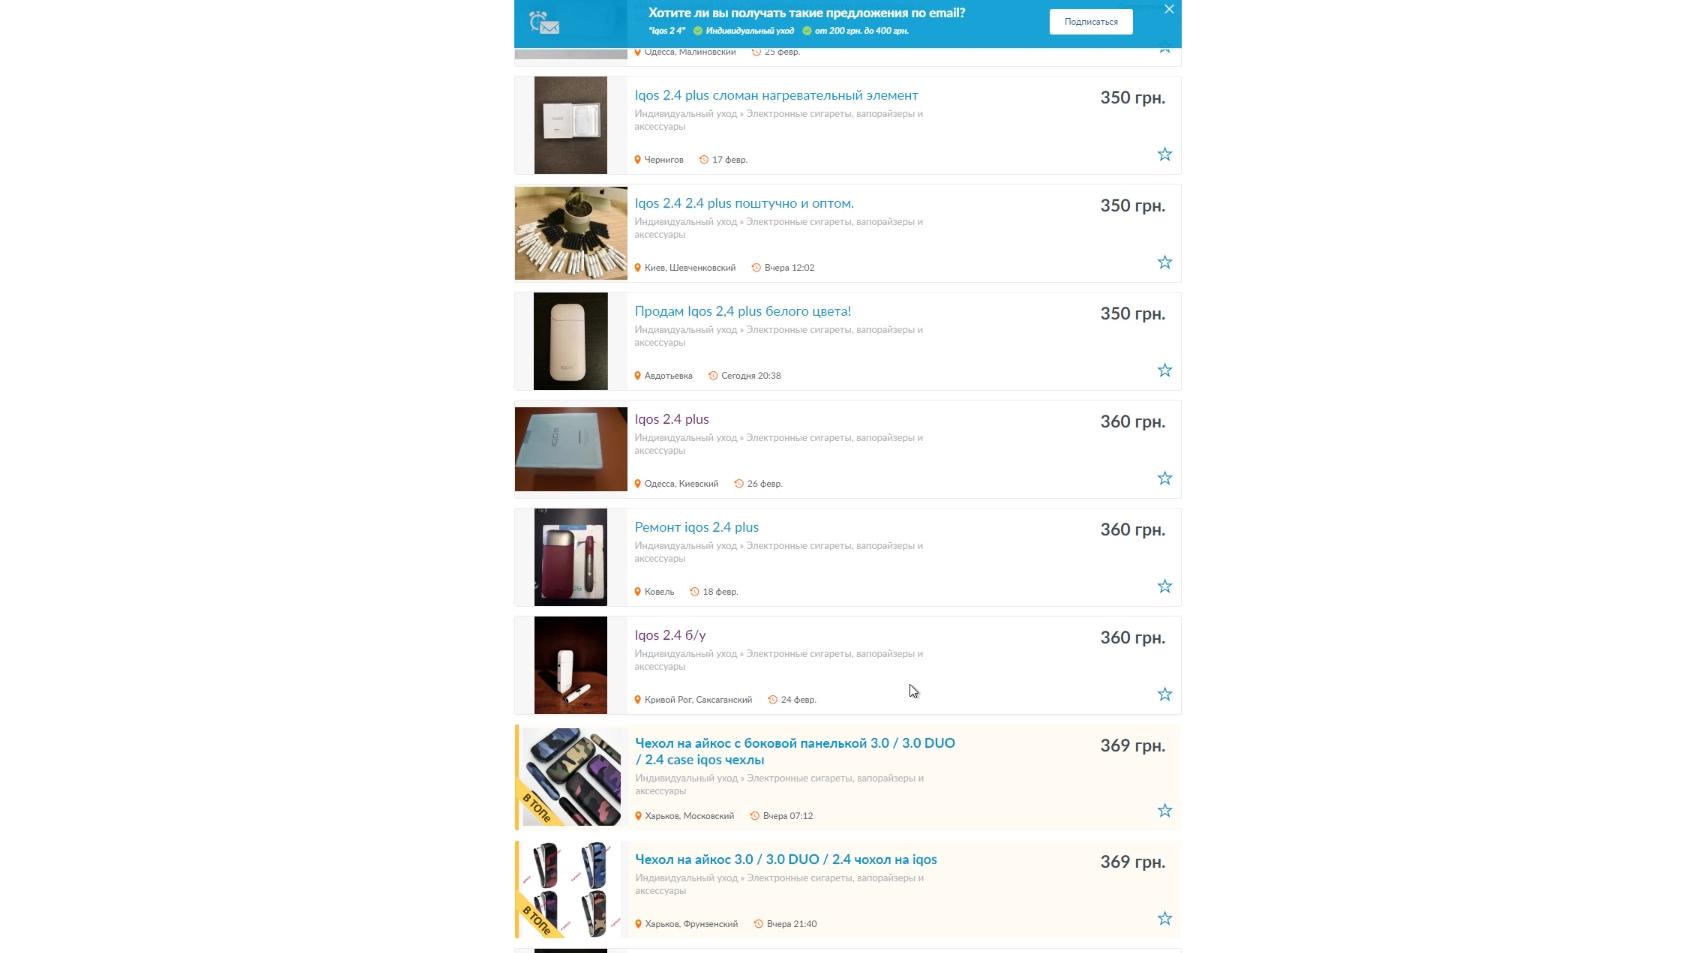 Купить сигарету электронную олх как купить электронную сигарету puff